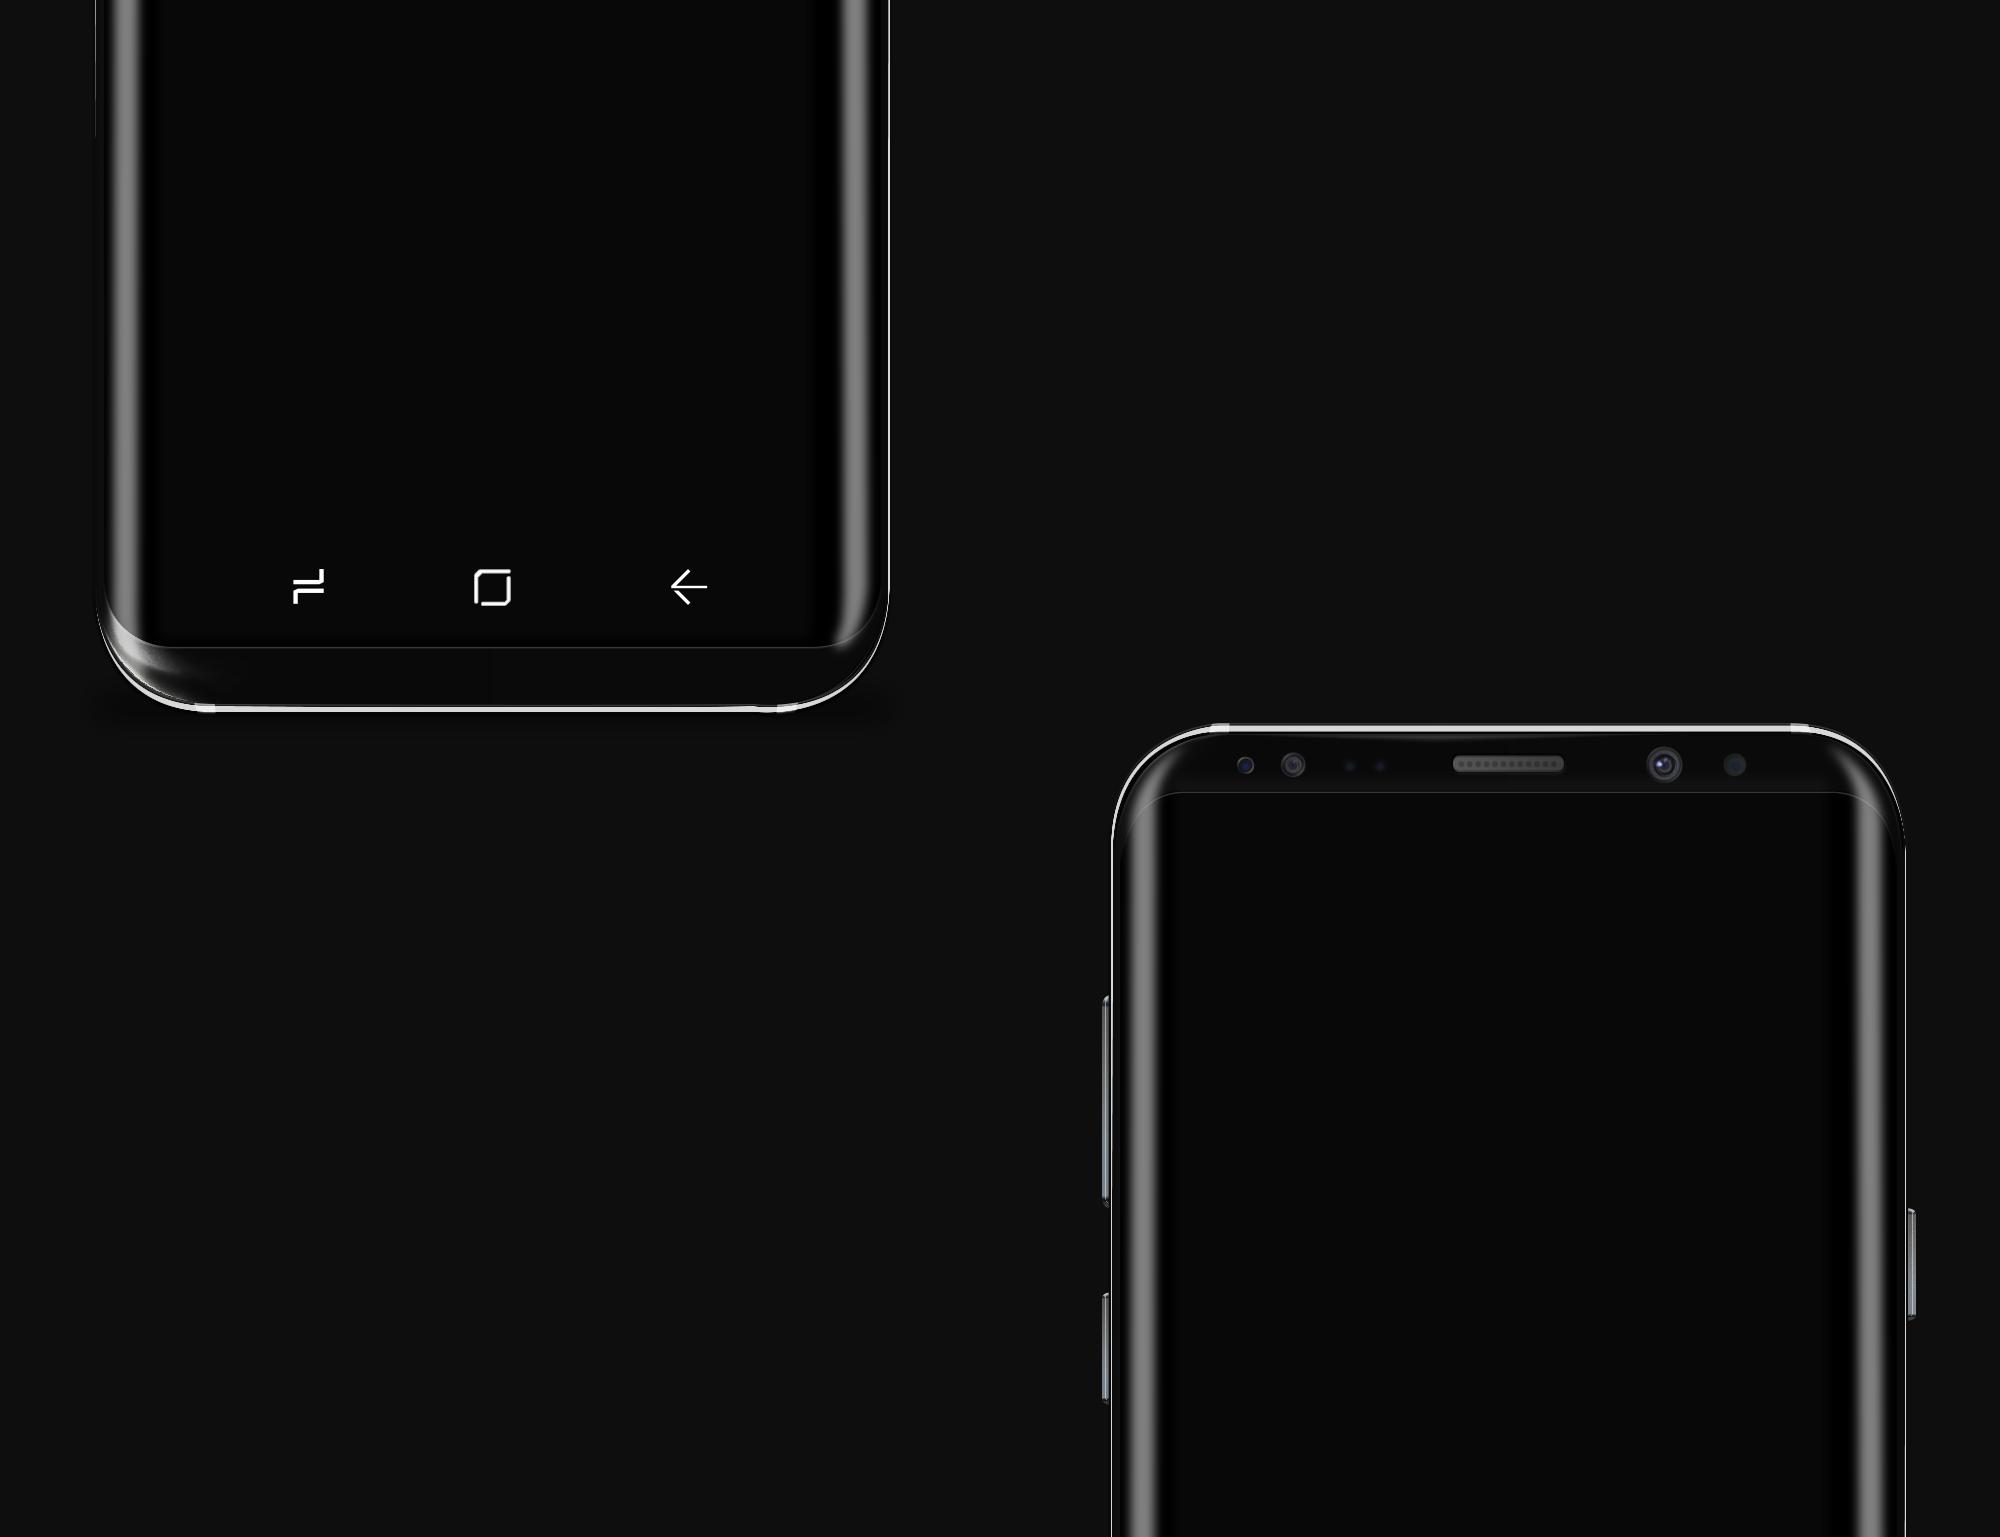 Смартфоны Samsung в скором времени получат 1 ТБ внутренней памяти - 1